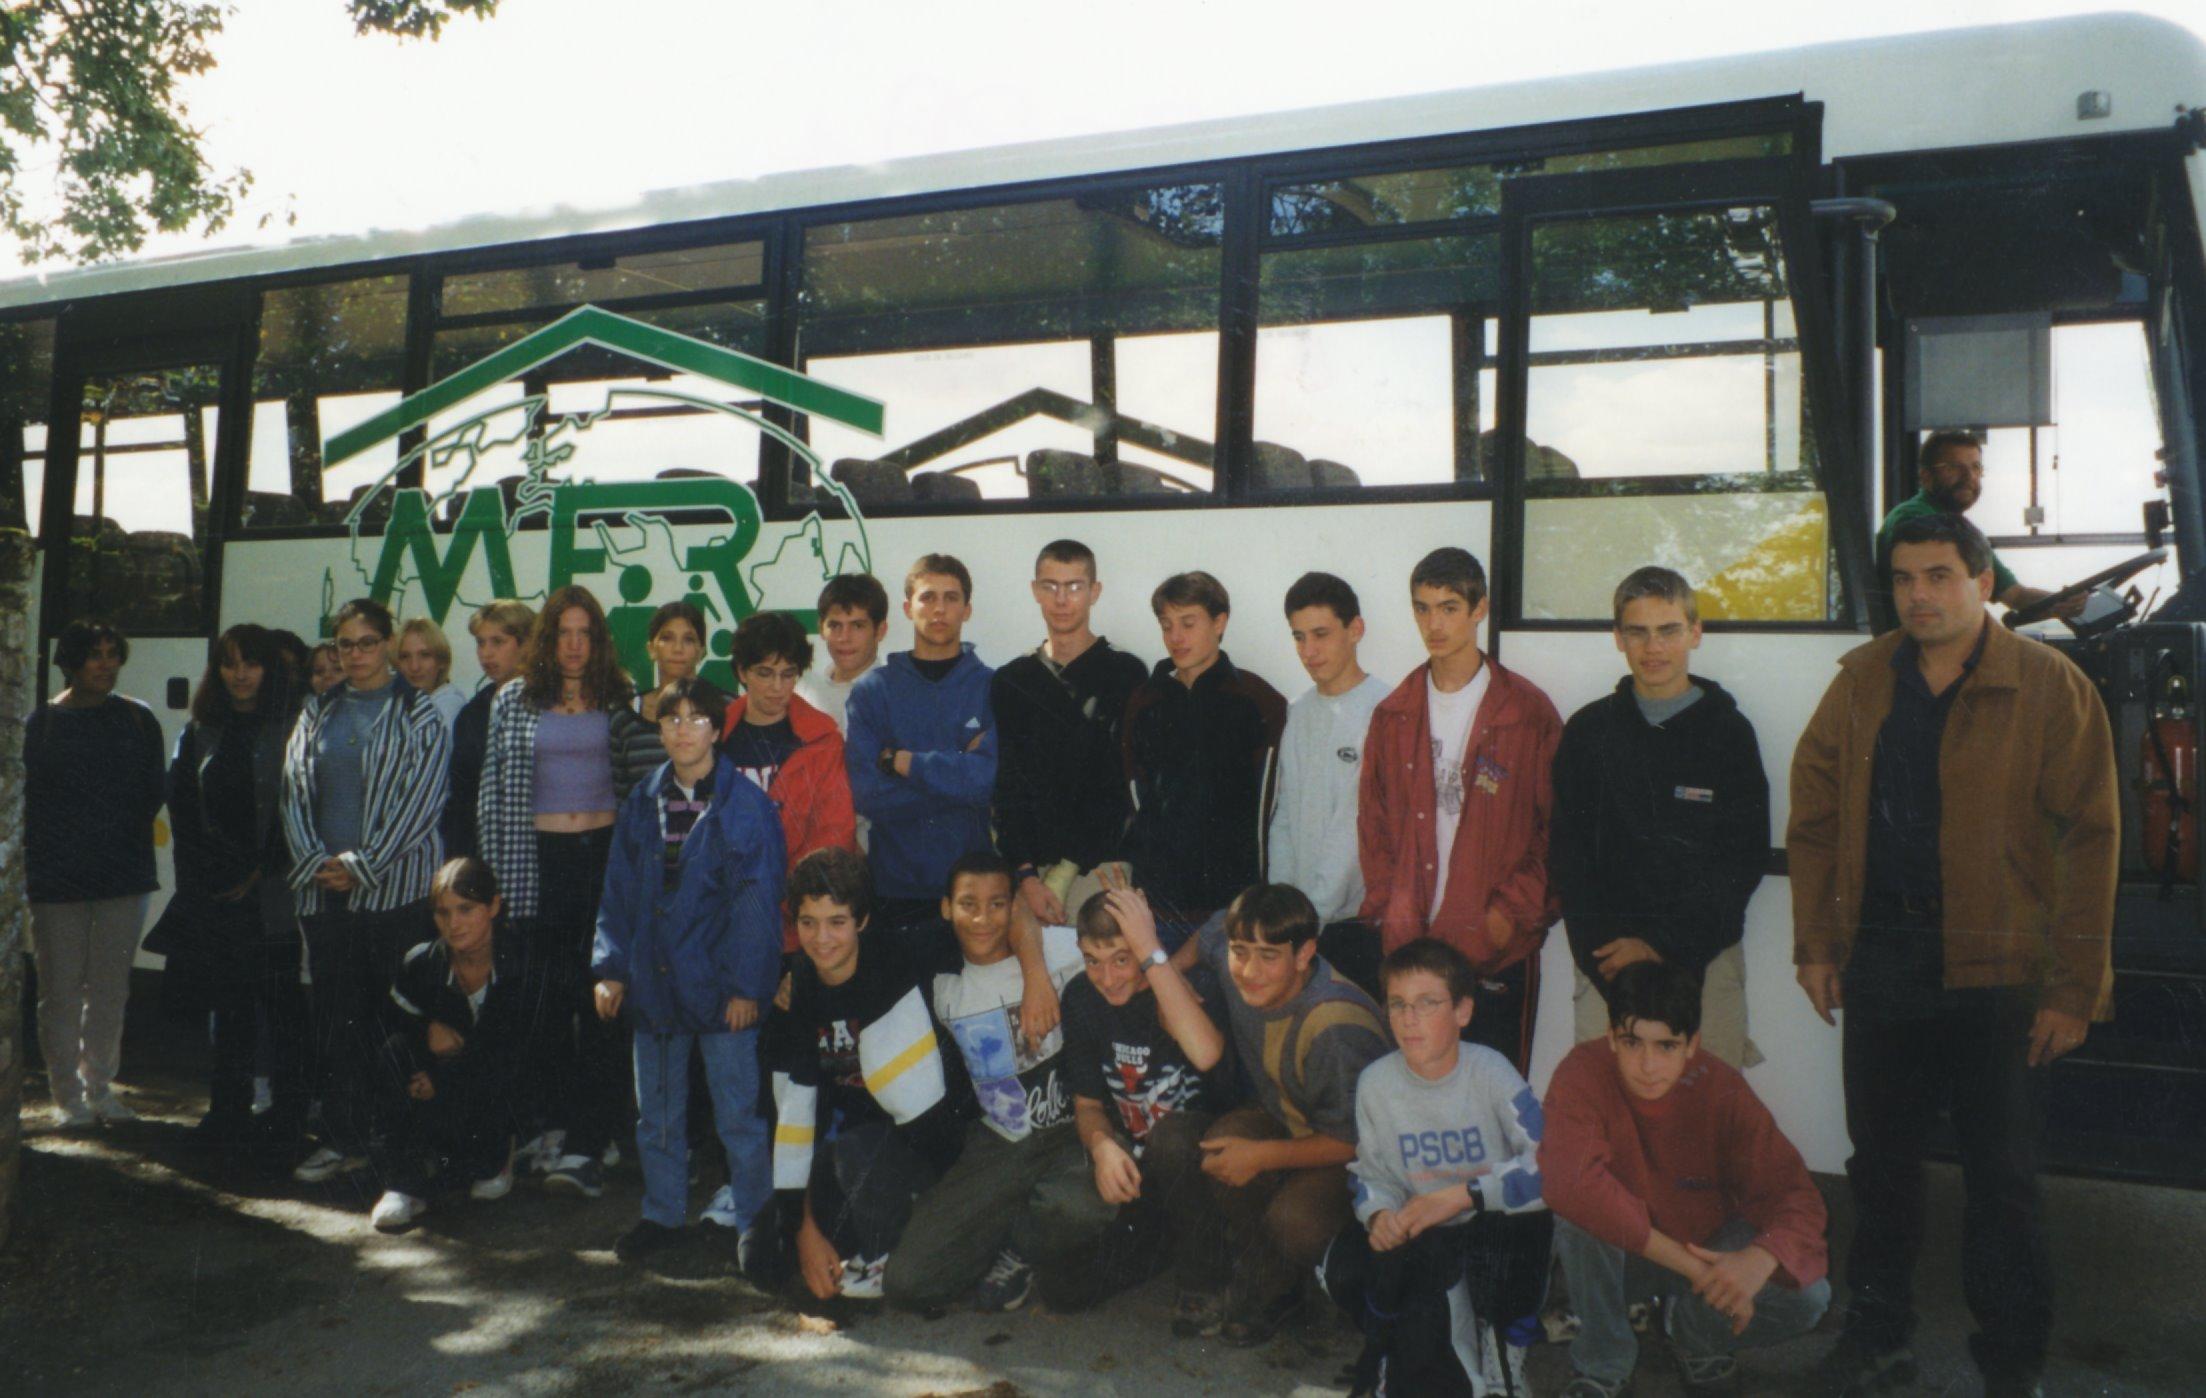 Archives anciens élèves mfr puy-sec 1997 Joel GOGUET et Laurent JAULIN